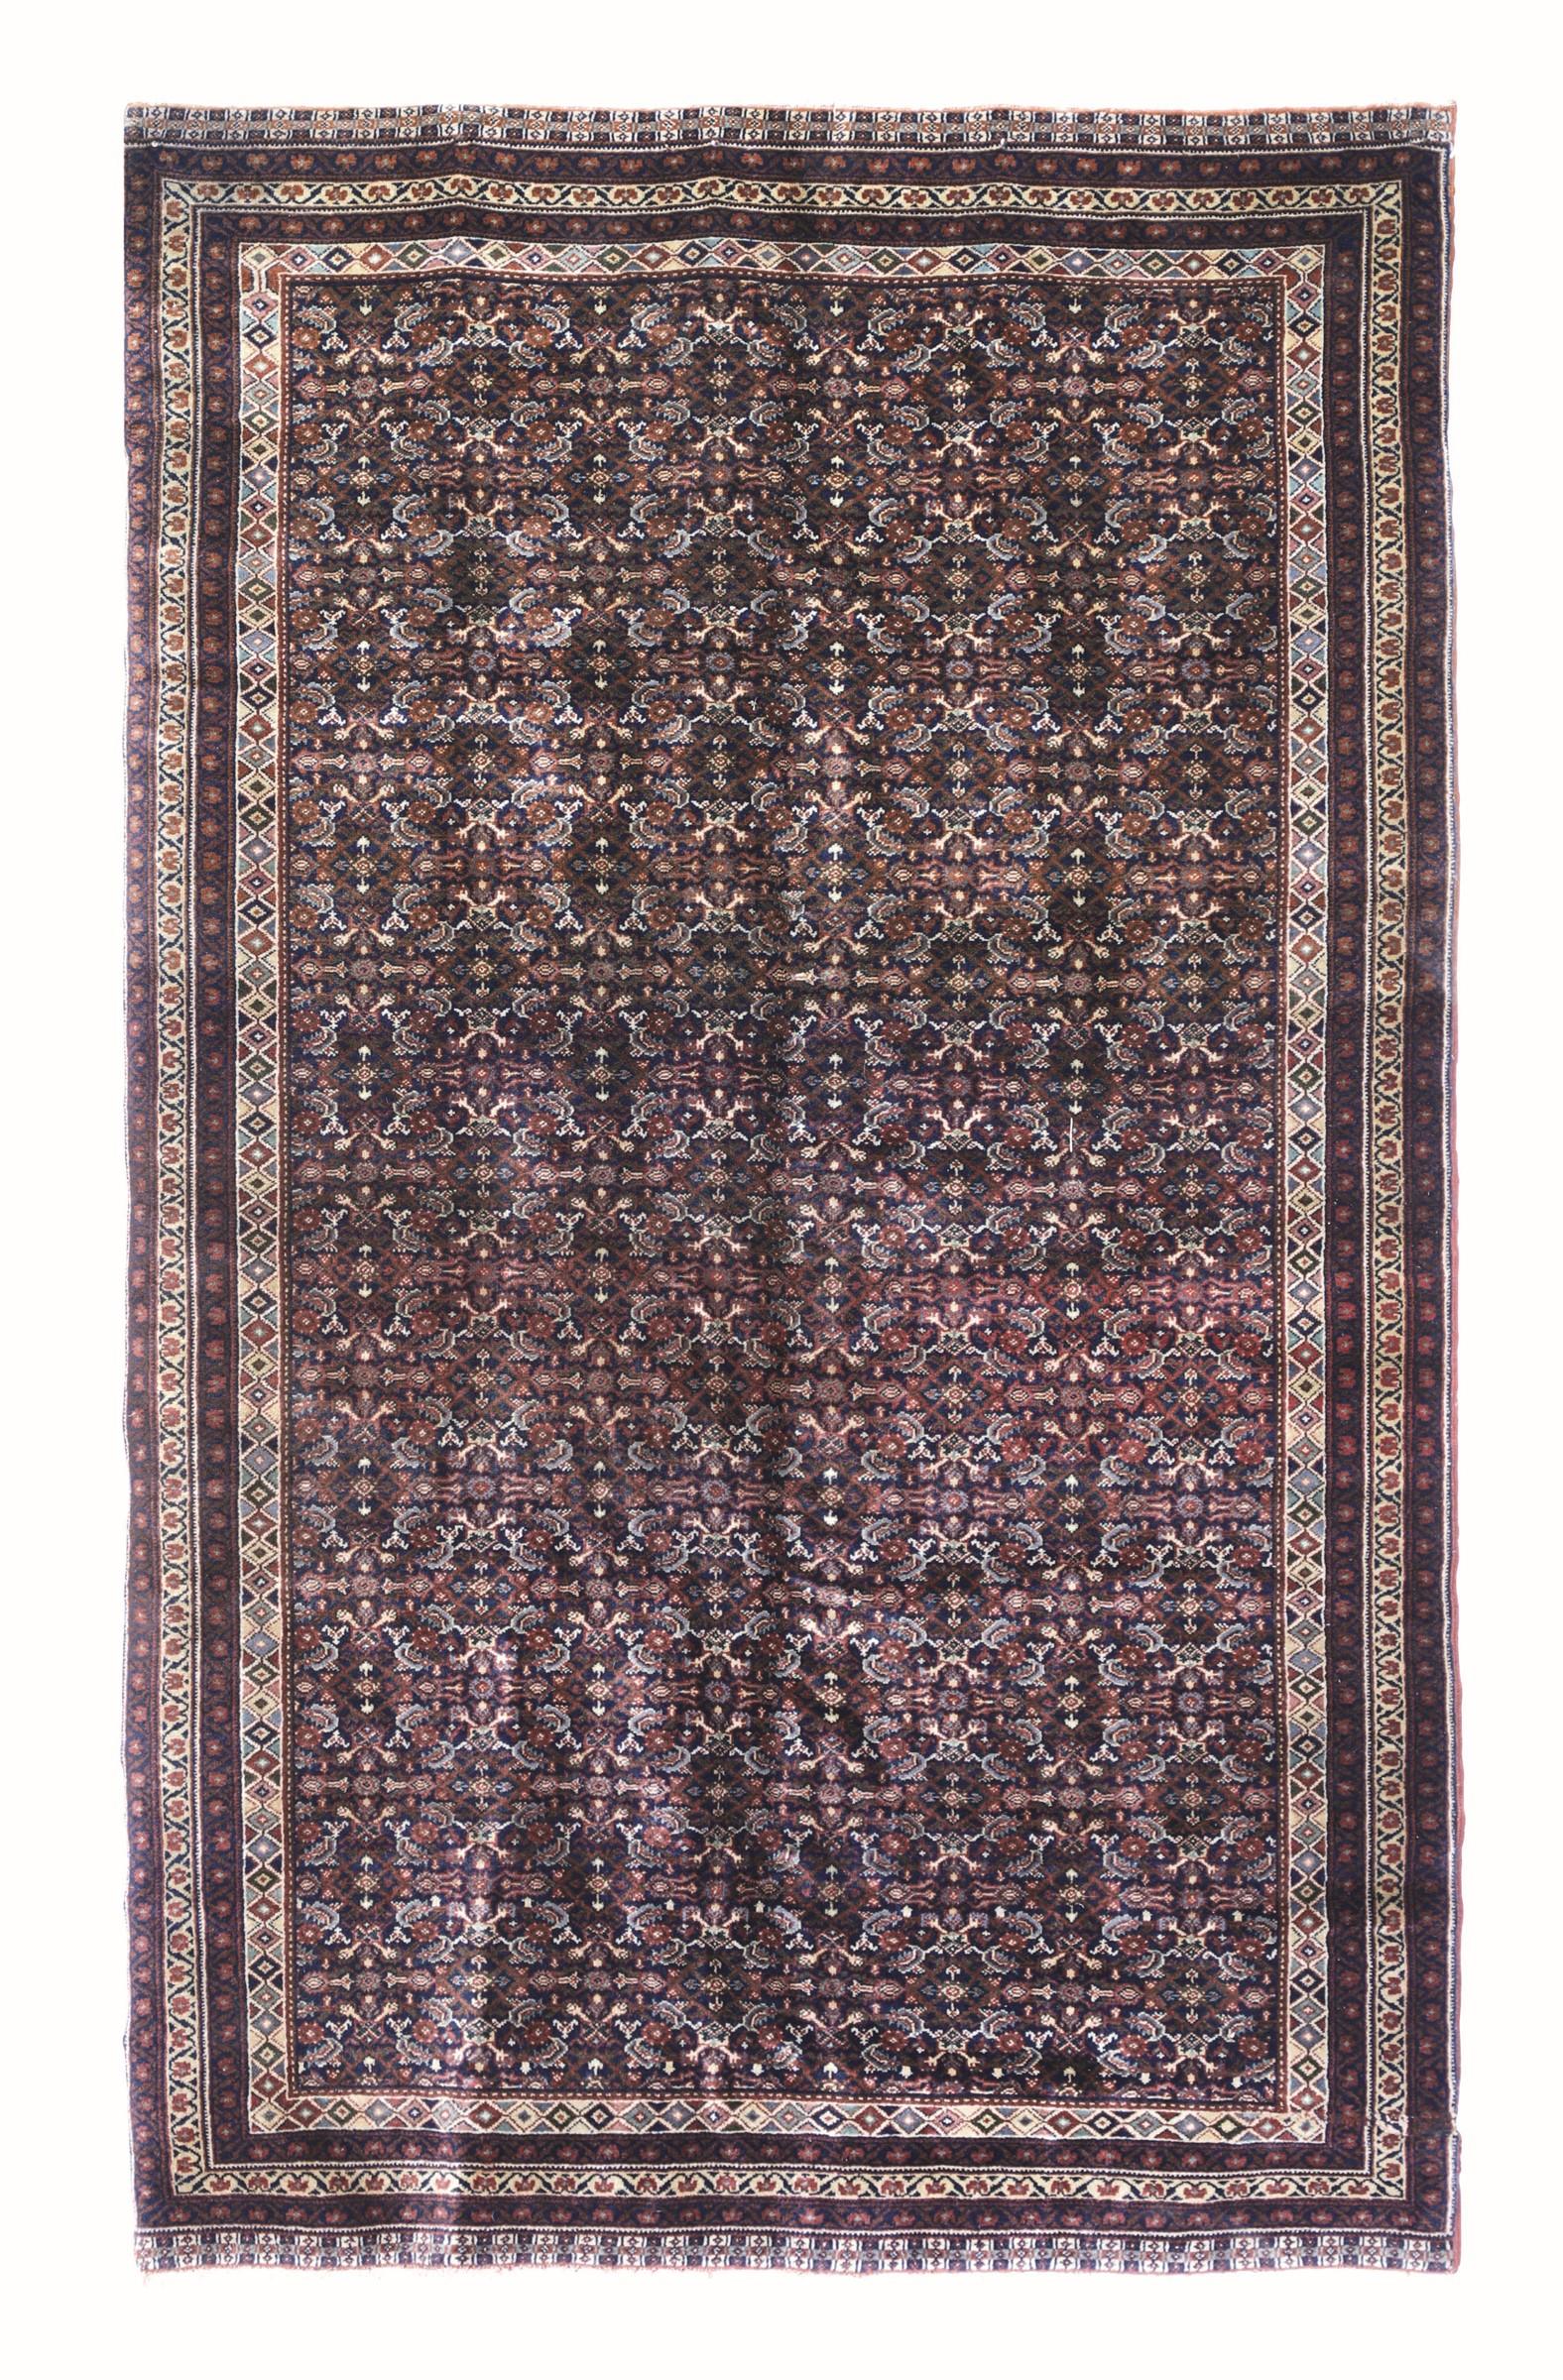 Tappeto Europeo, inizio XX secolo, - campo blu scuro con decoro herati, cm 240x152 -